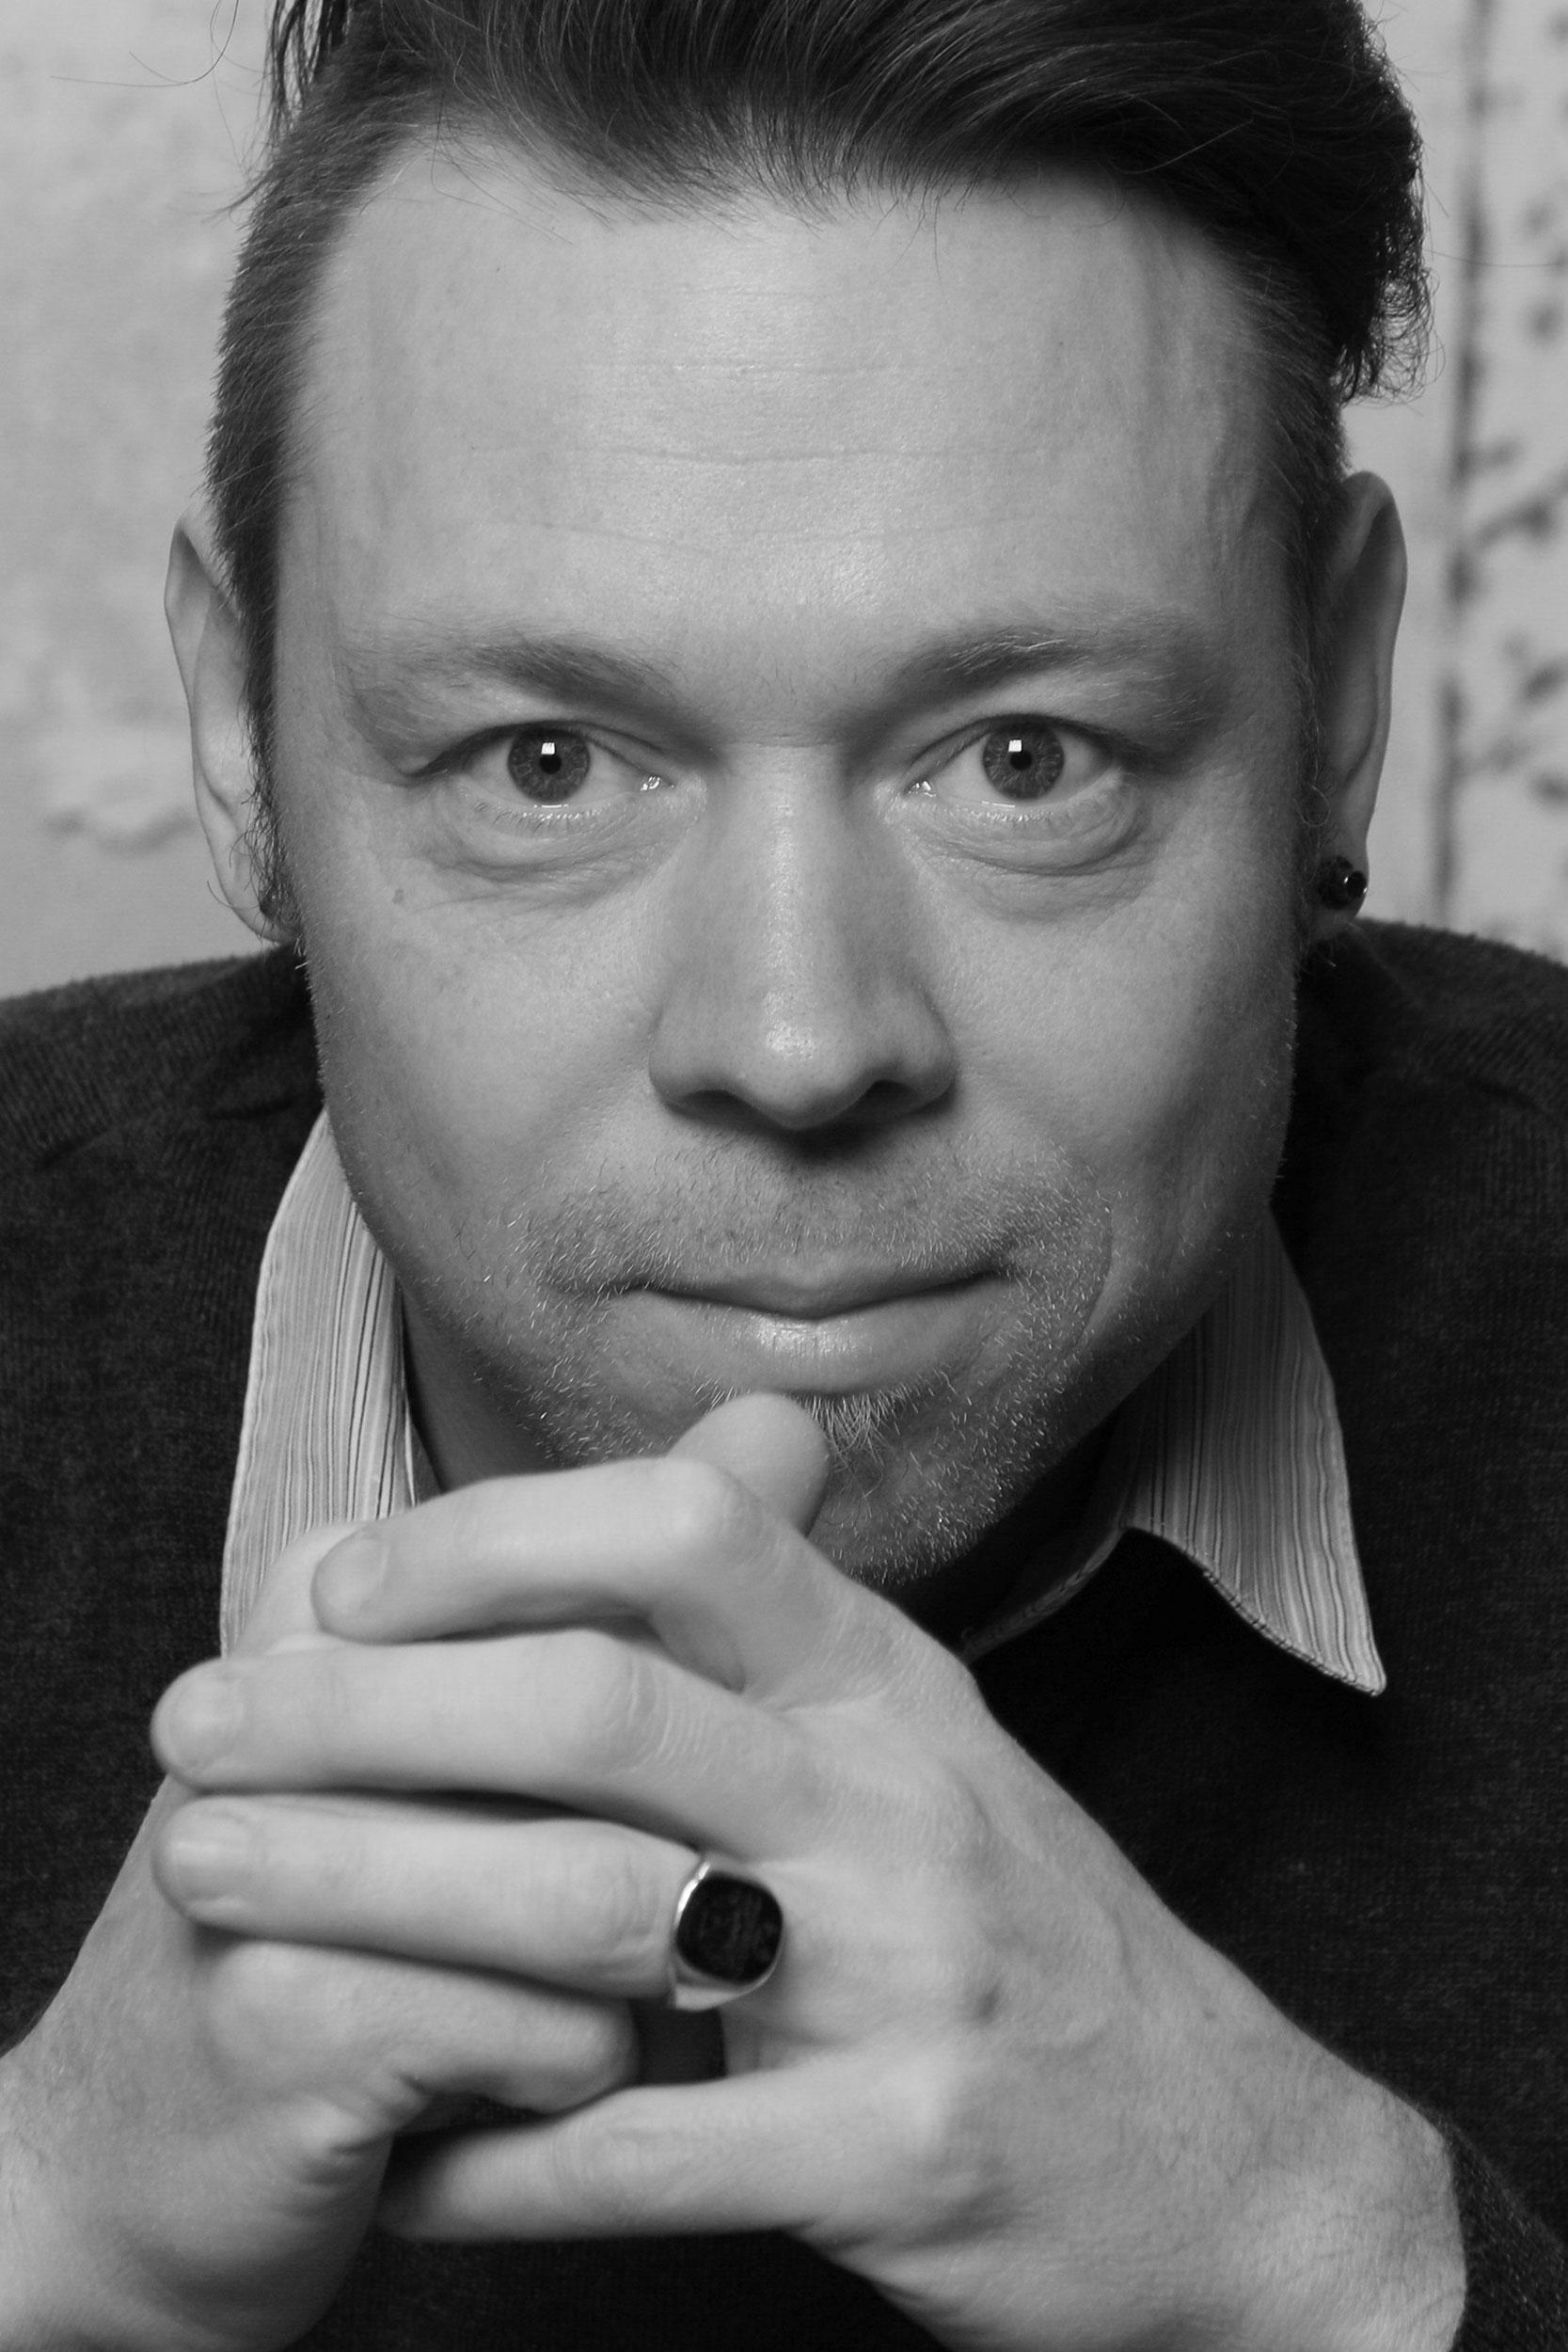 Jan Matthias 'fite' Arendsen Hein